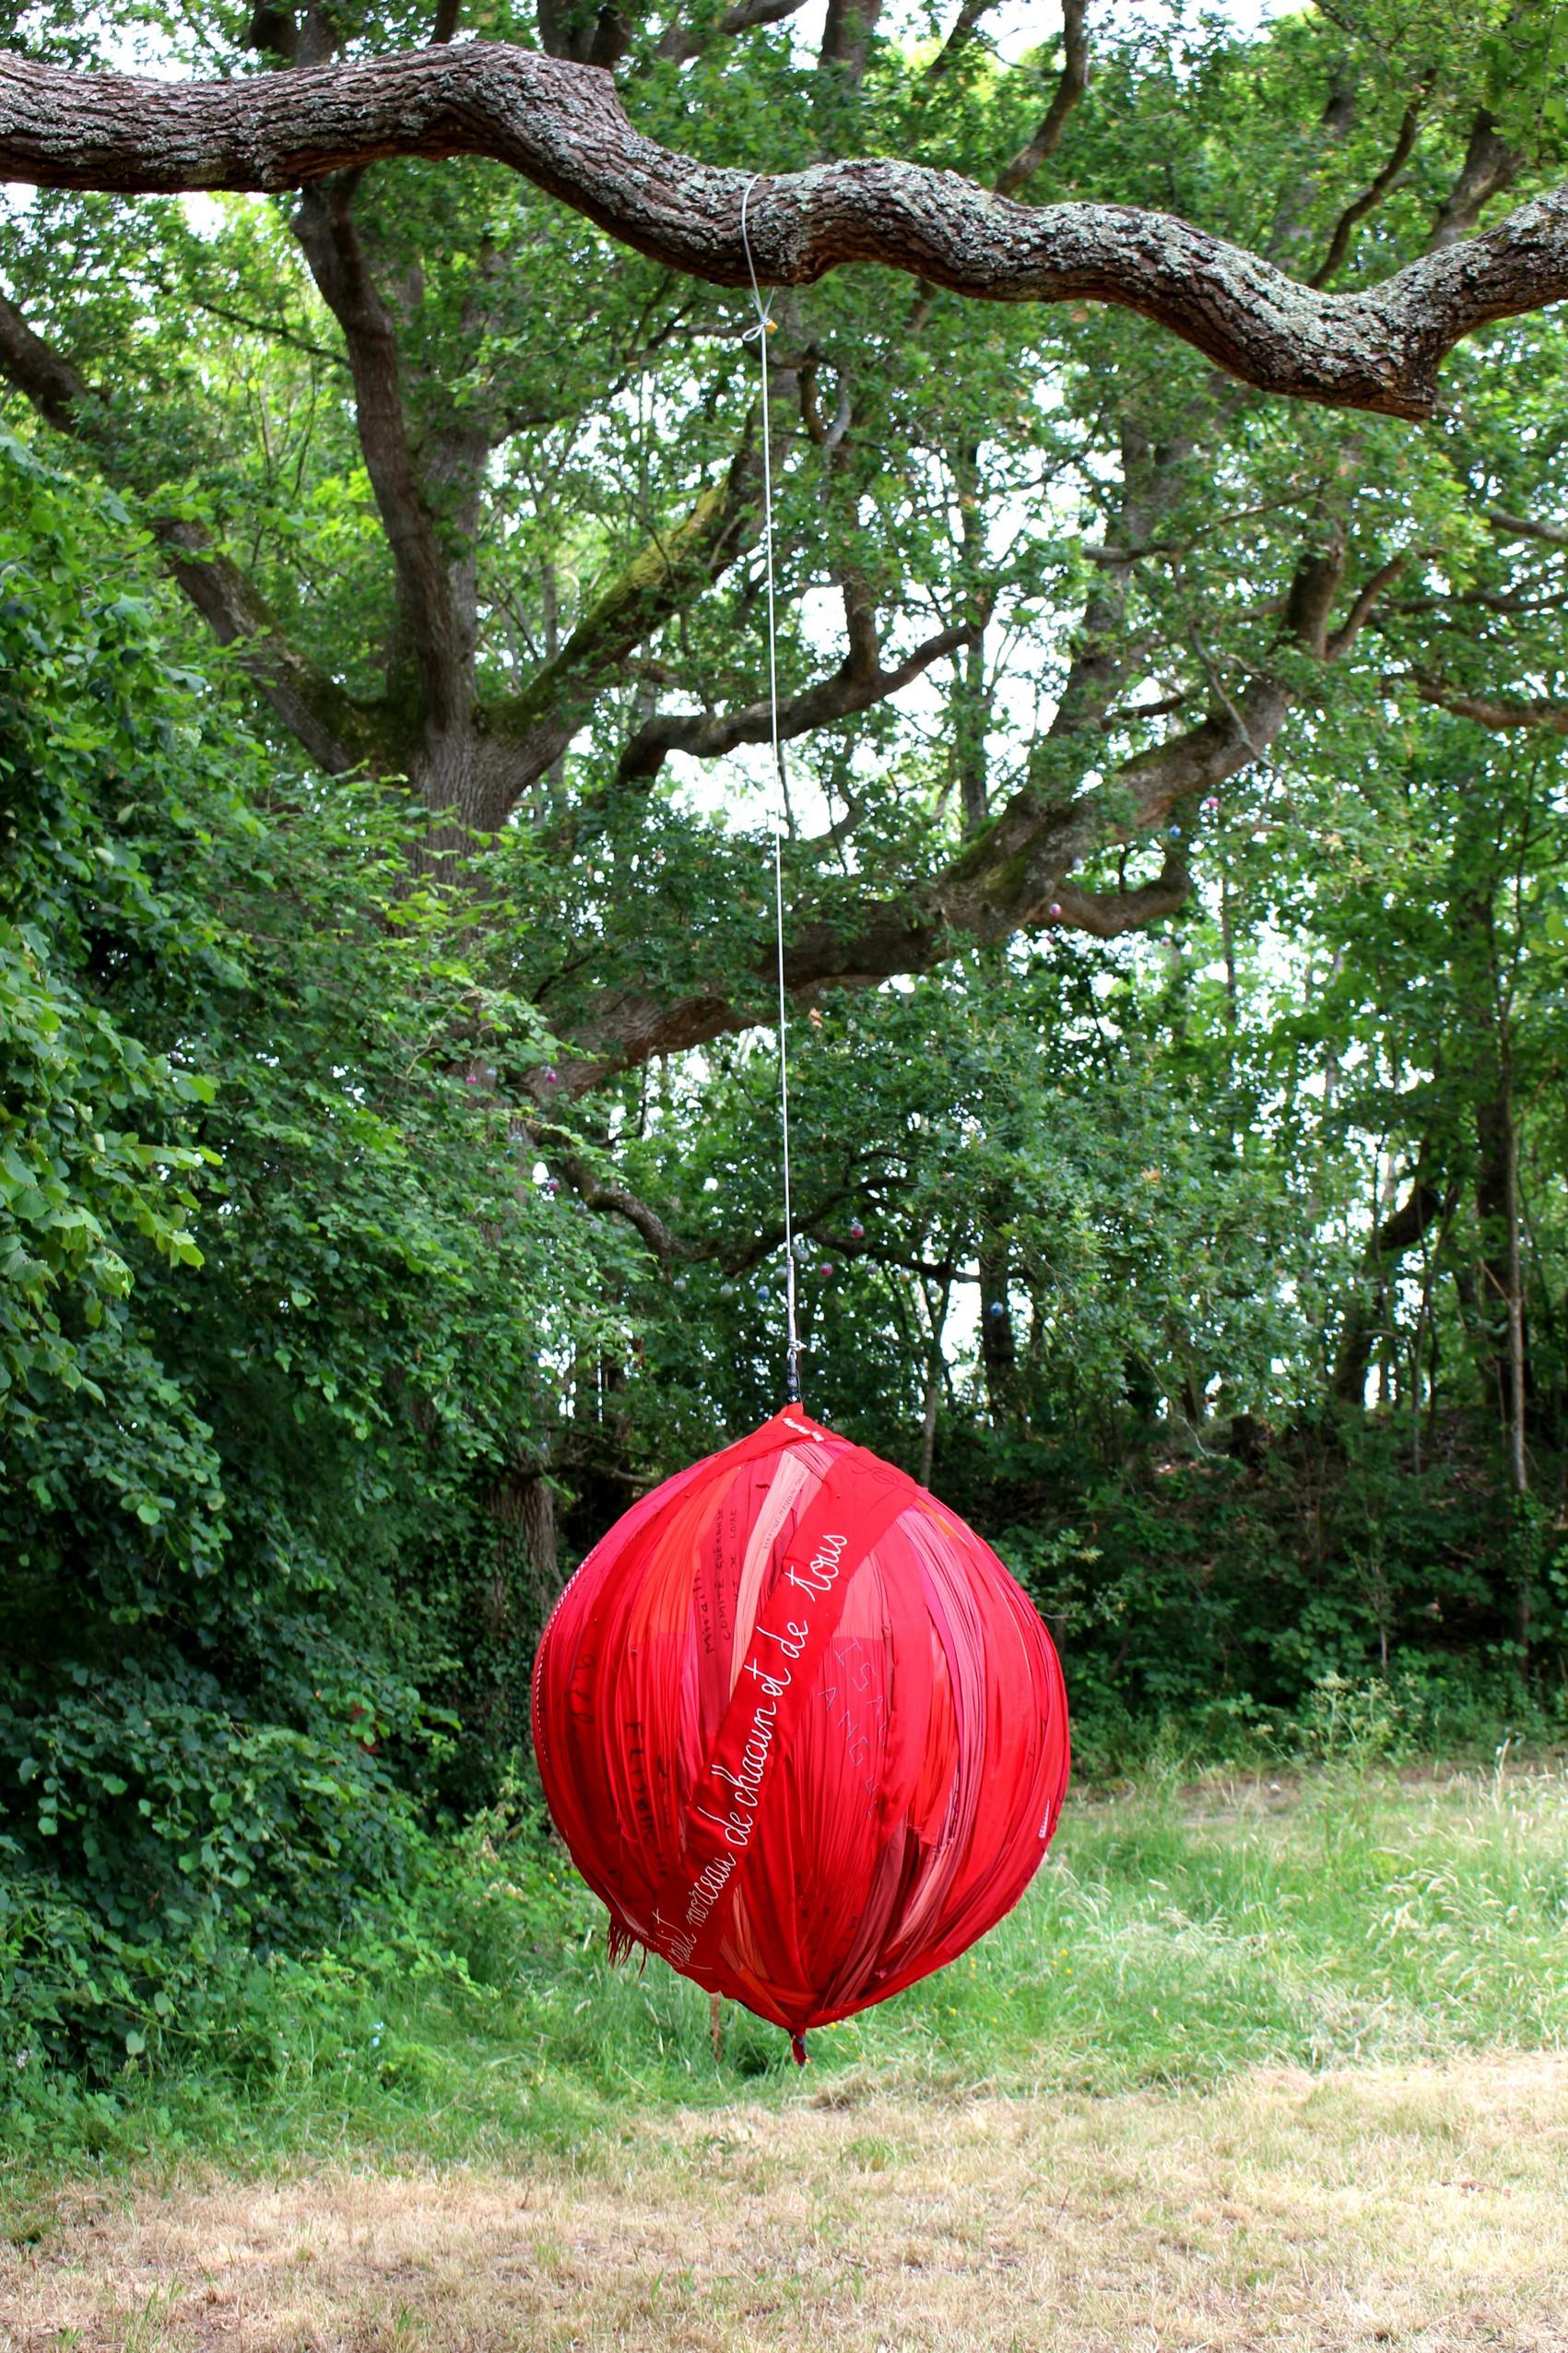 la pelote sous son chêne, 23 juin